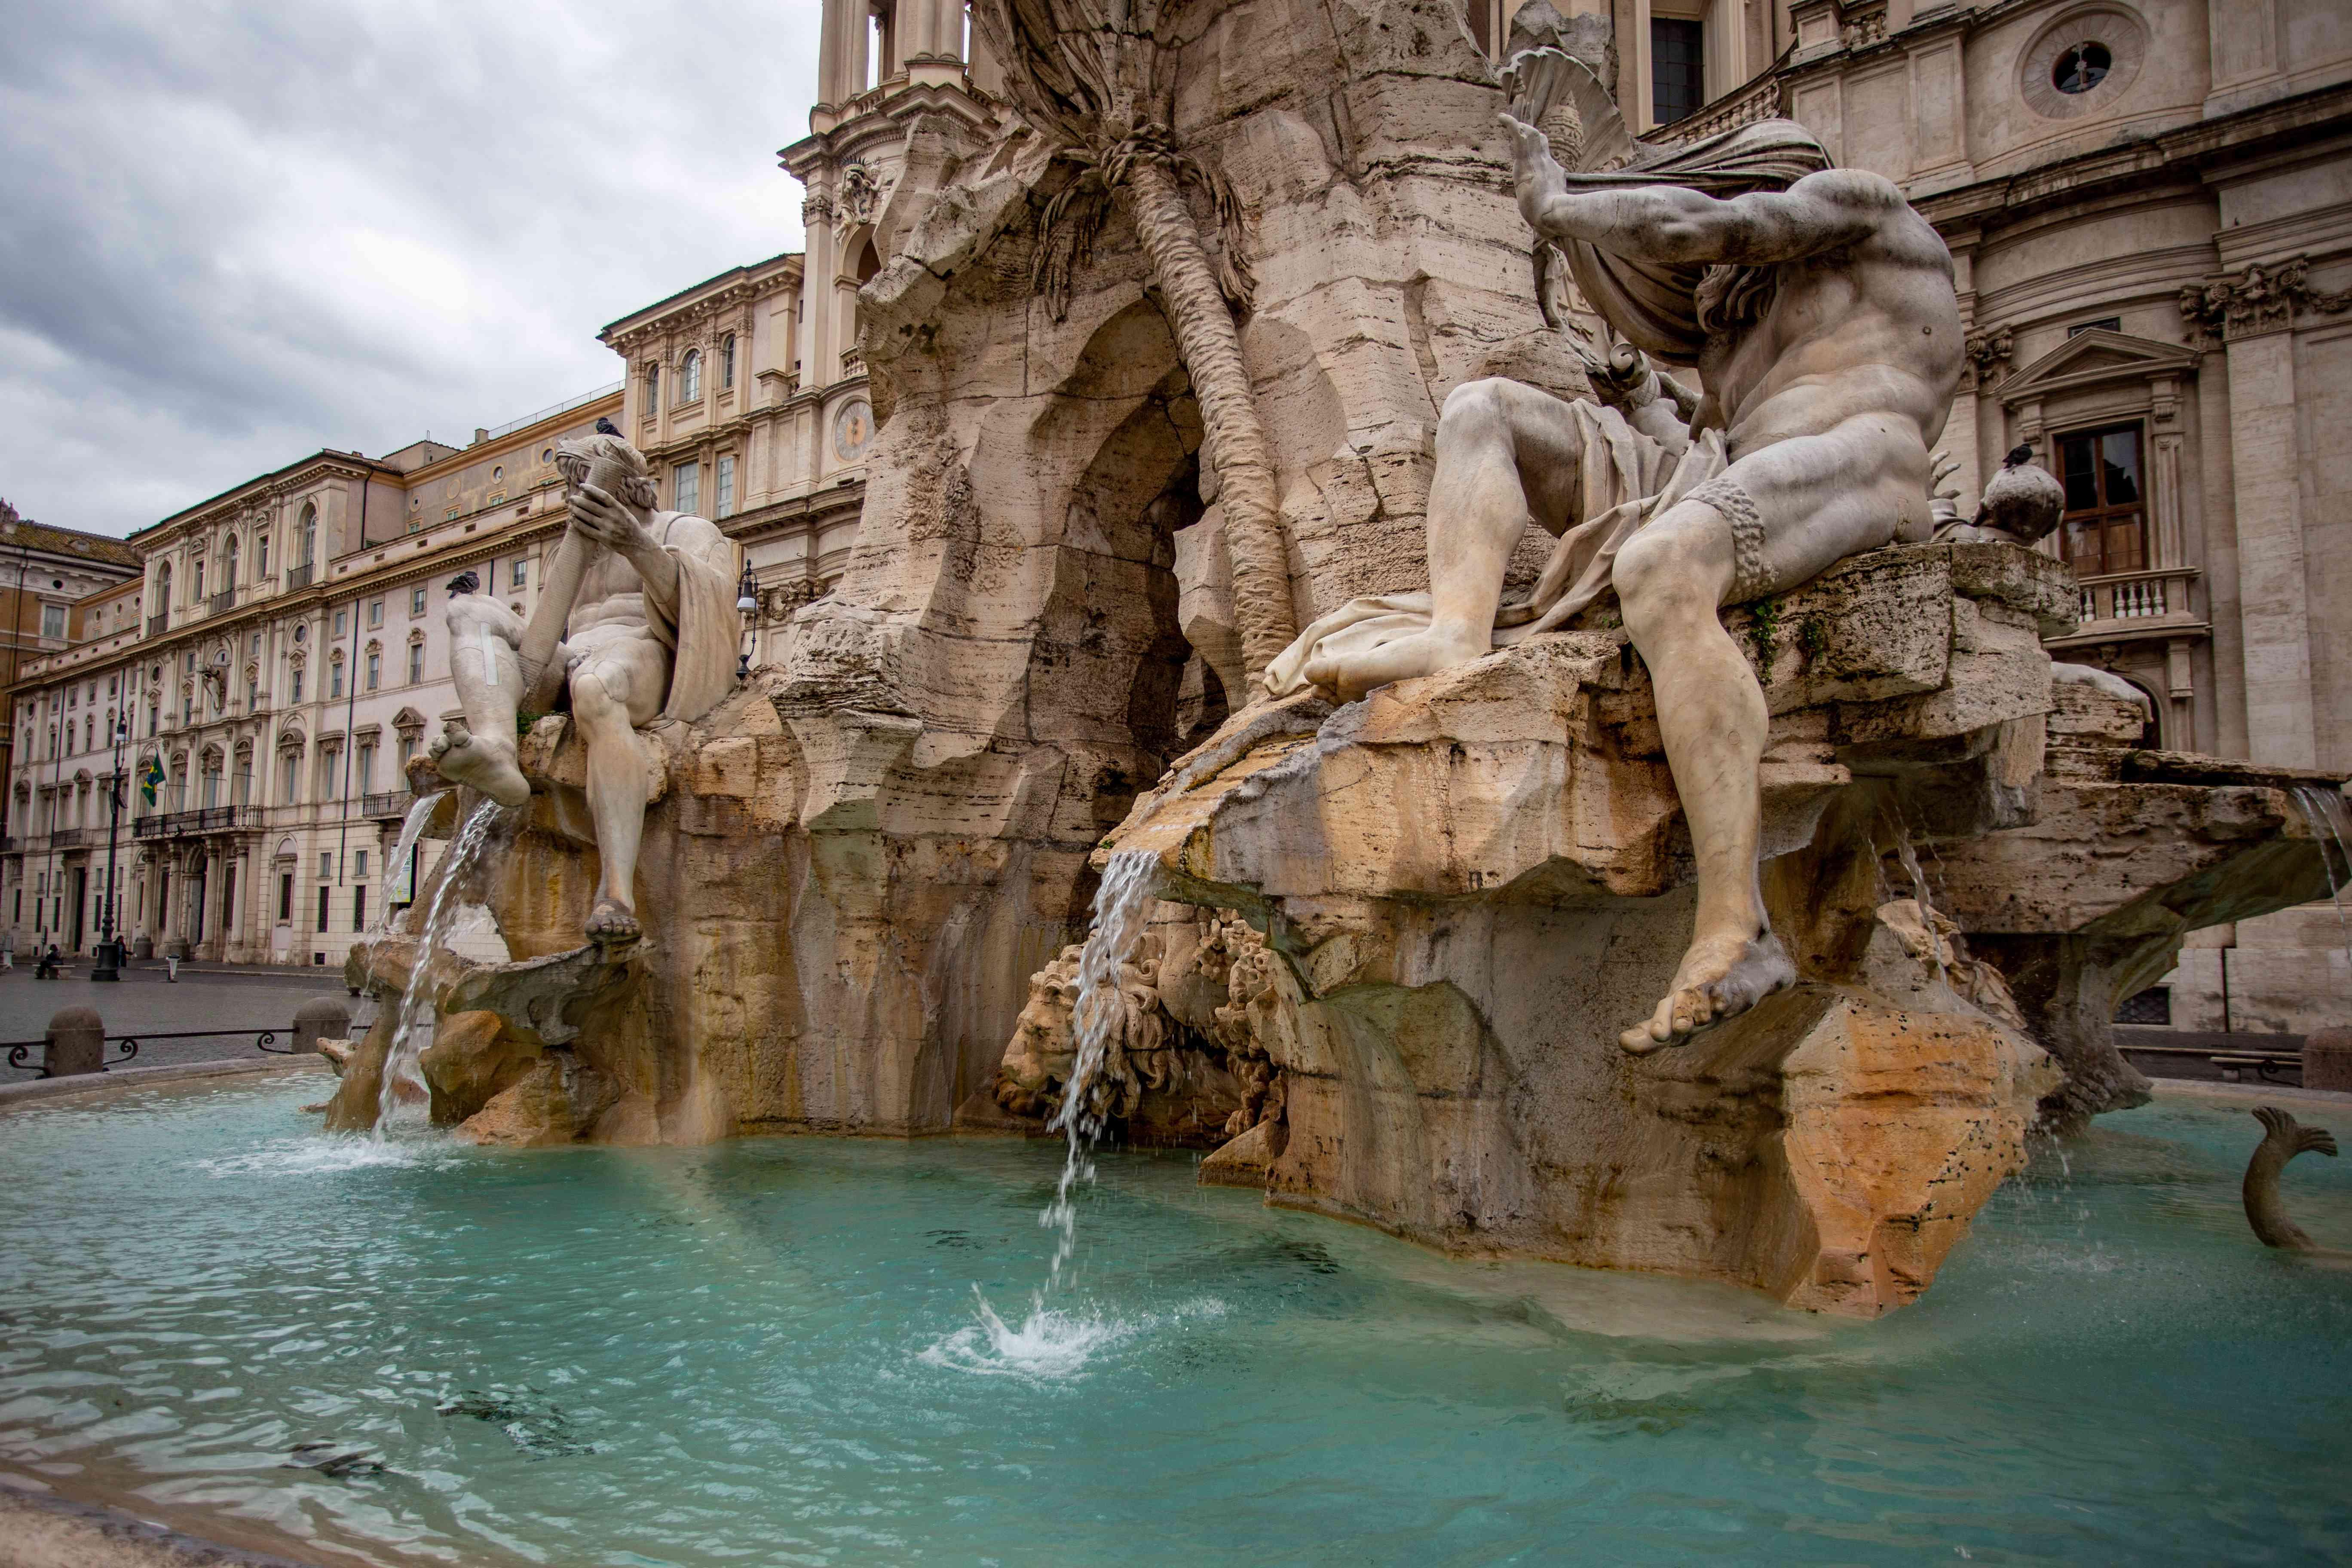 Bernini Fountains (Fontana dei Quattro Fiumi) in the Piazza Navona in Rome, Italy